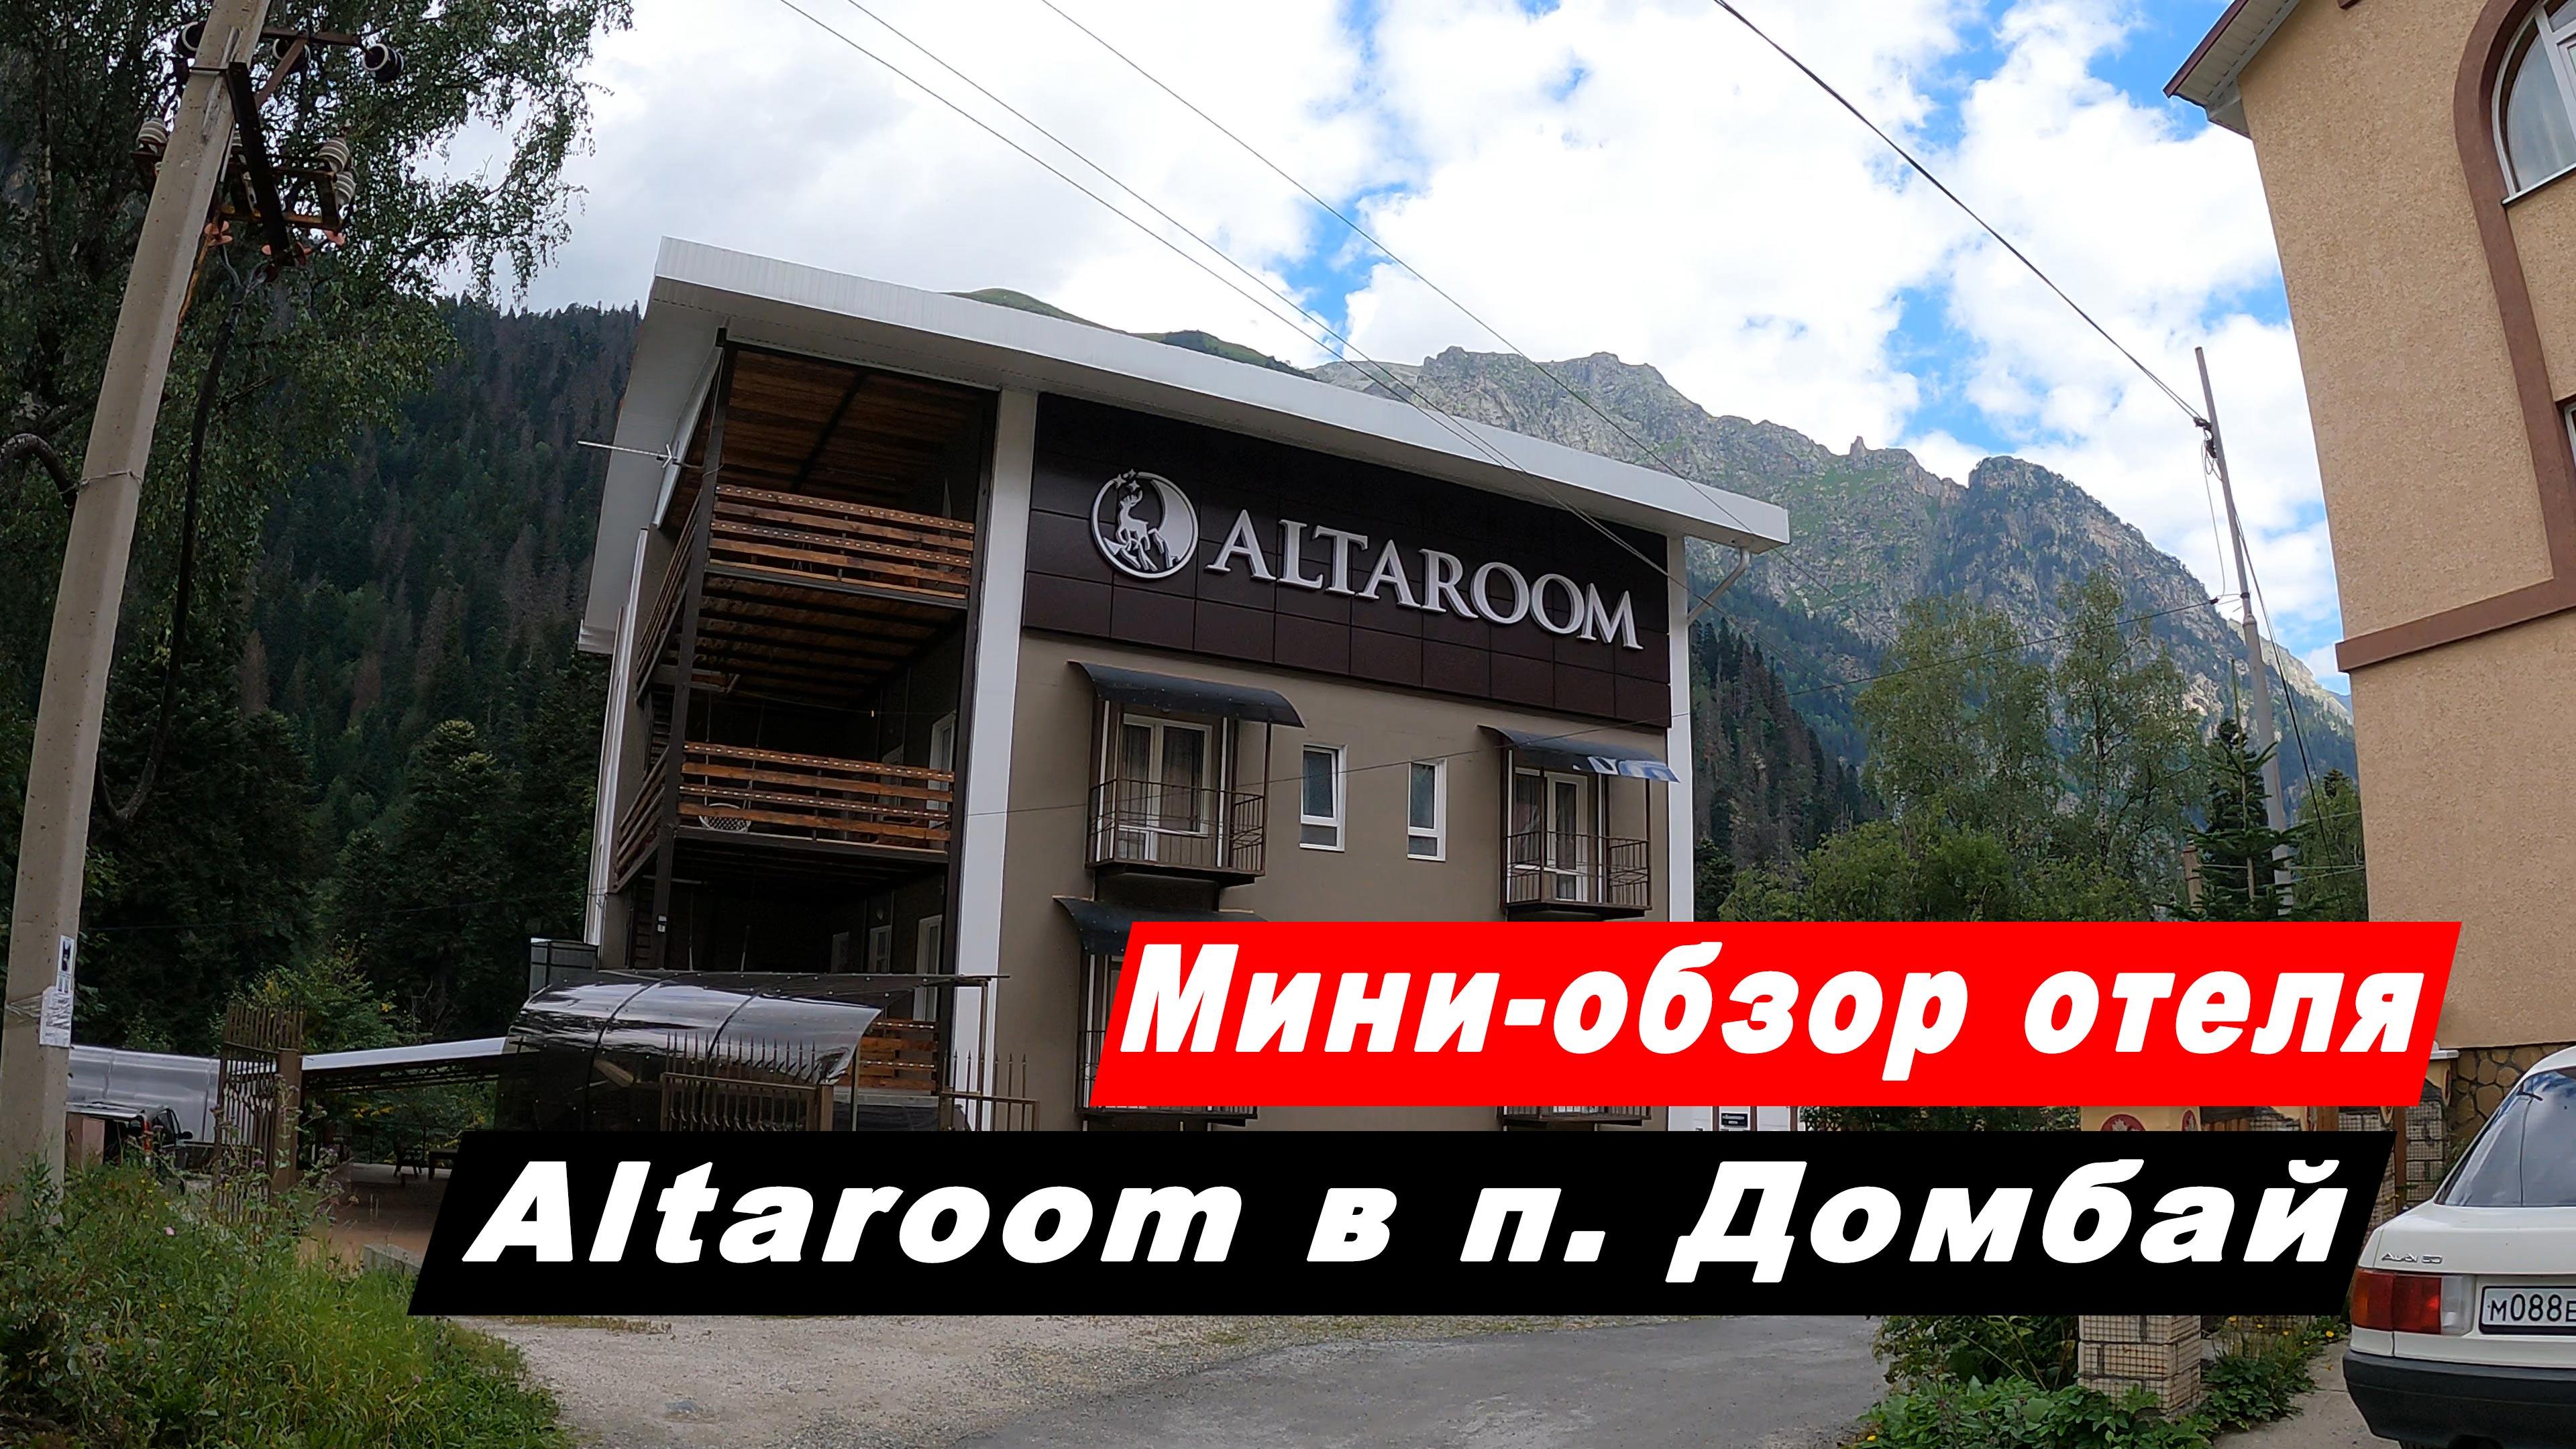 Мини-обзор отеля Альтарум в посёлке Домбай. Altaroom Hotel Домбай. Карачаево-Черкесская Республика.